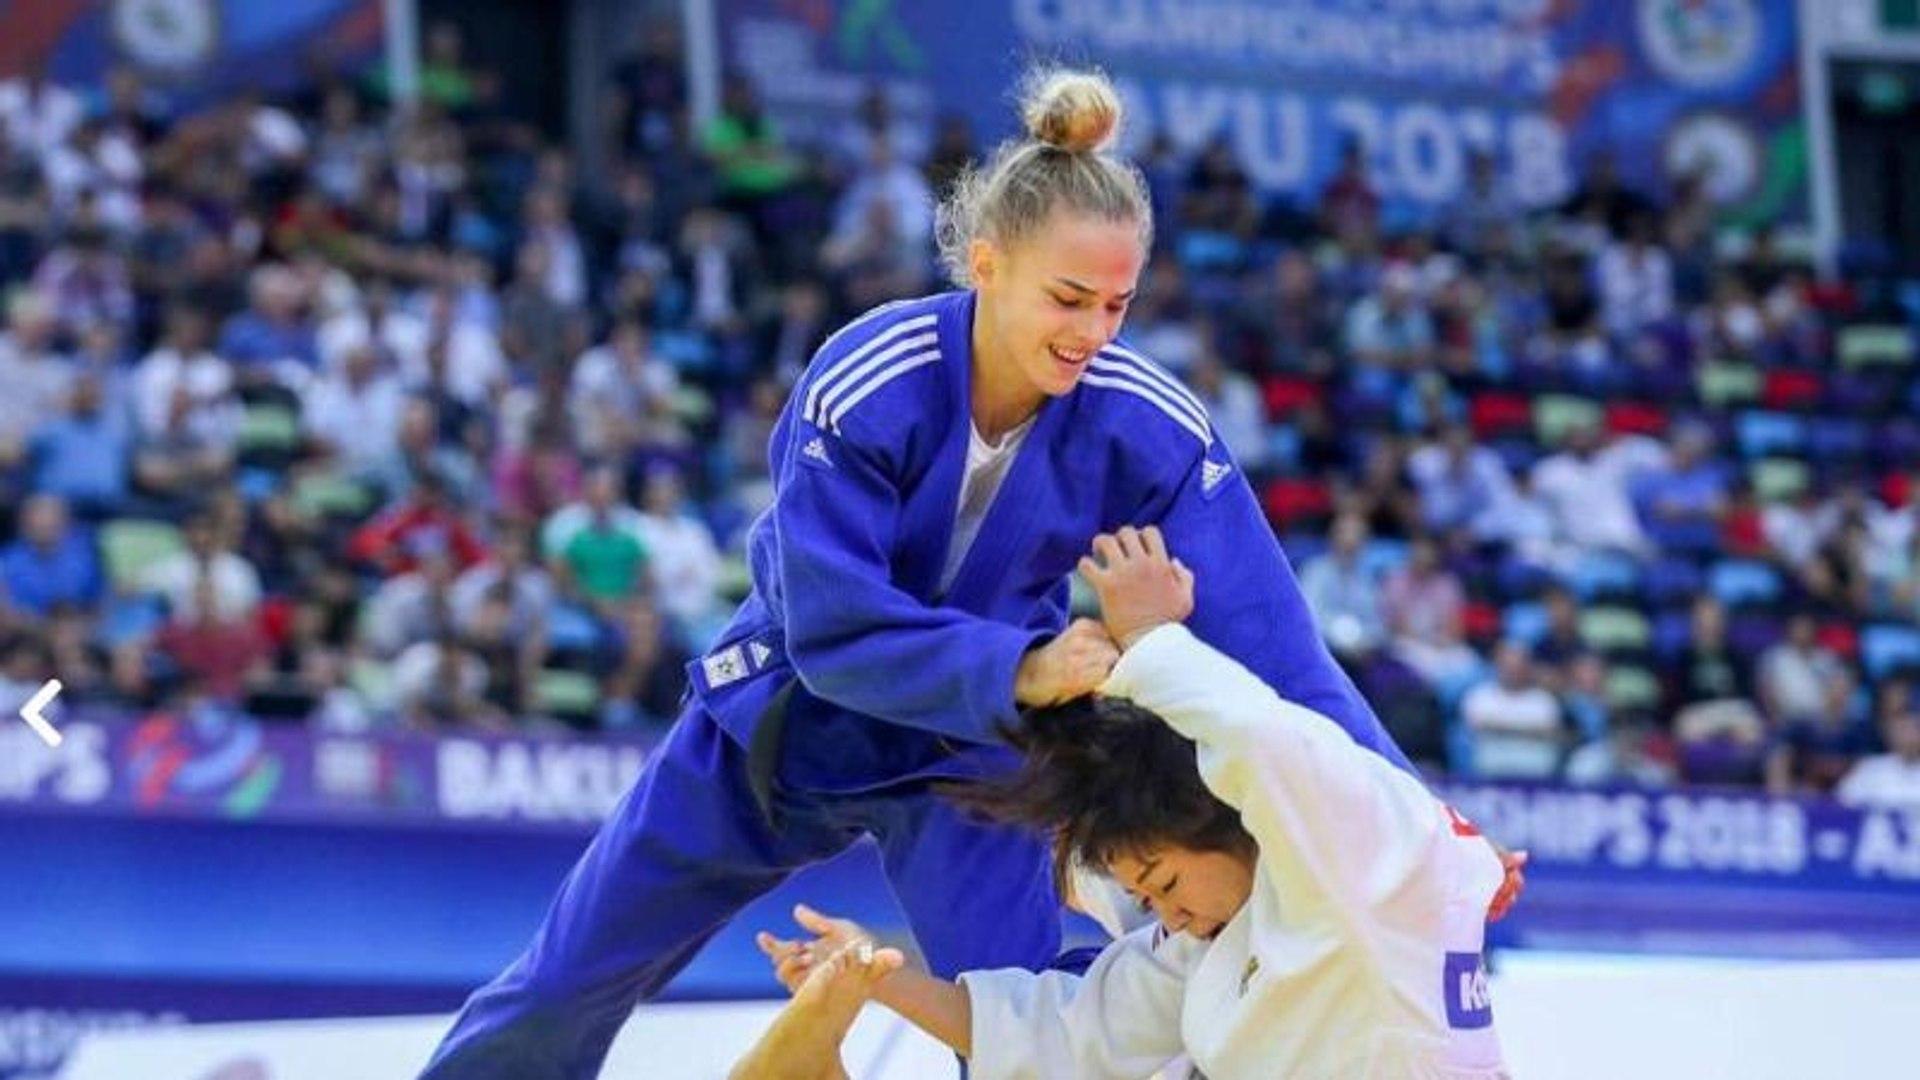 Чемпионат мира по дзюдо в Баку: победа Дарьи Белодед и Наохисы Такато